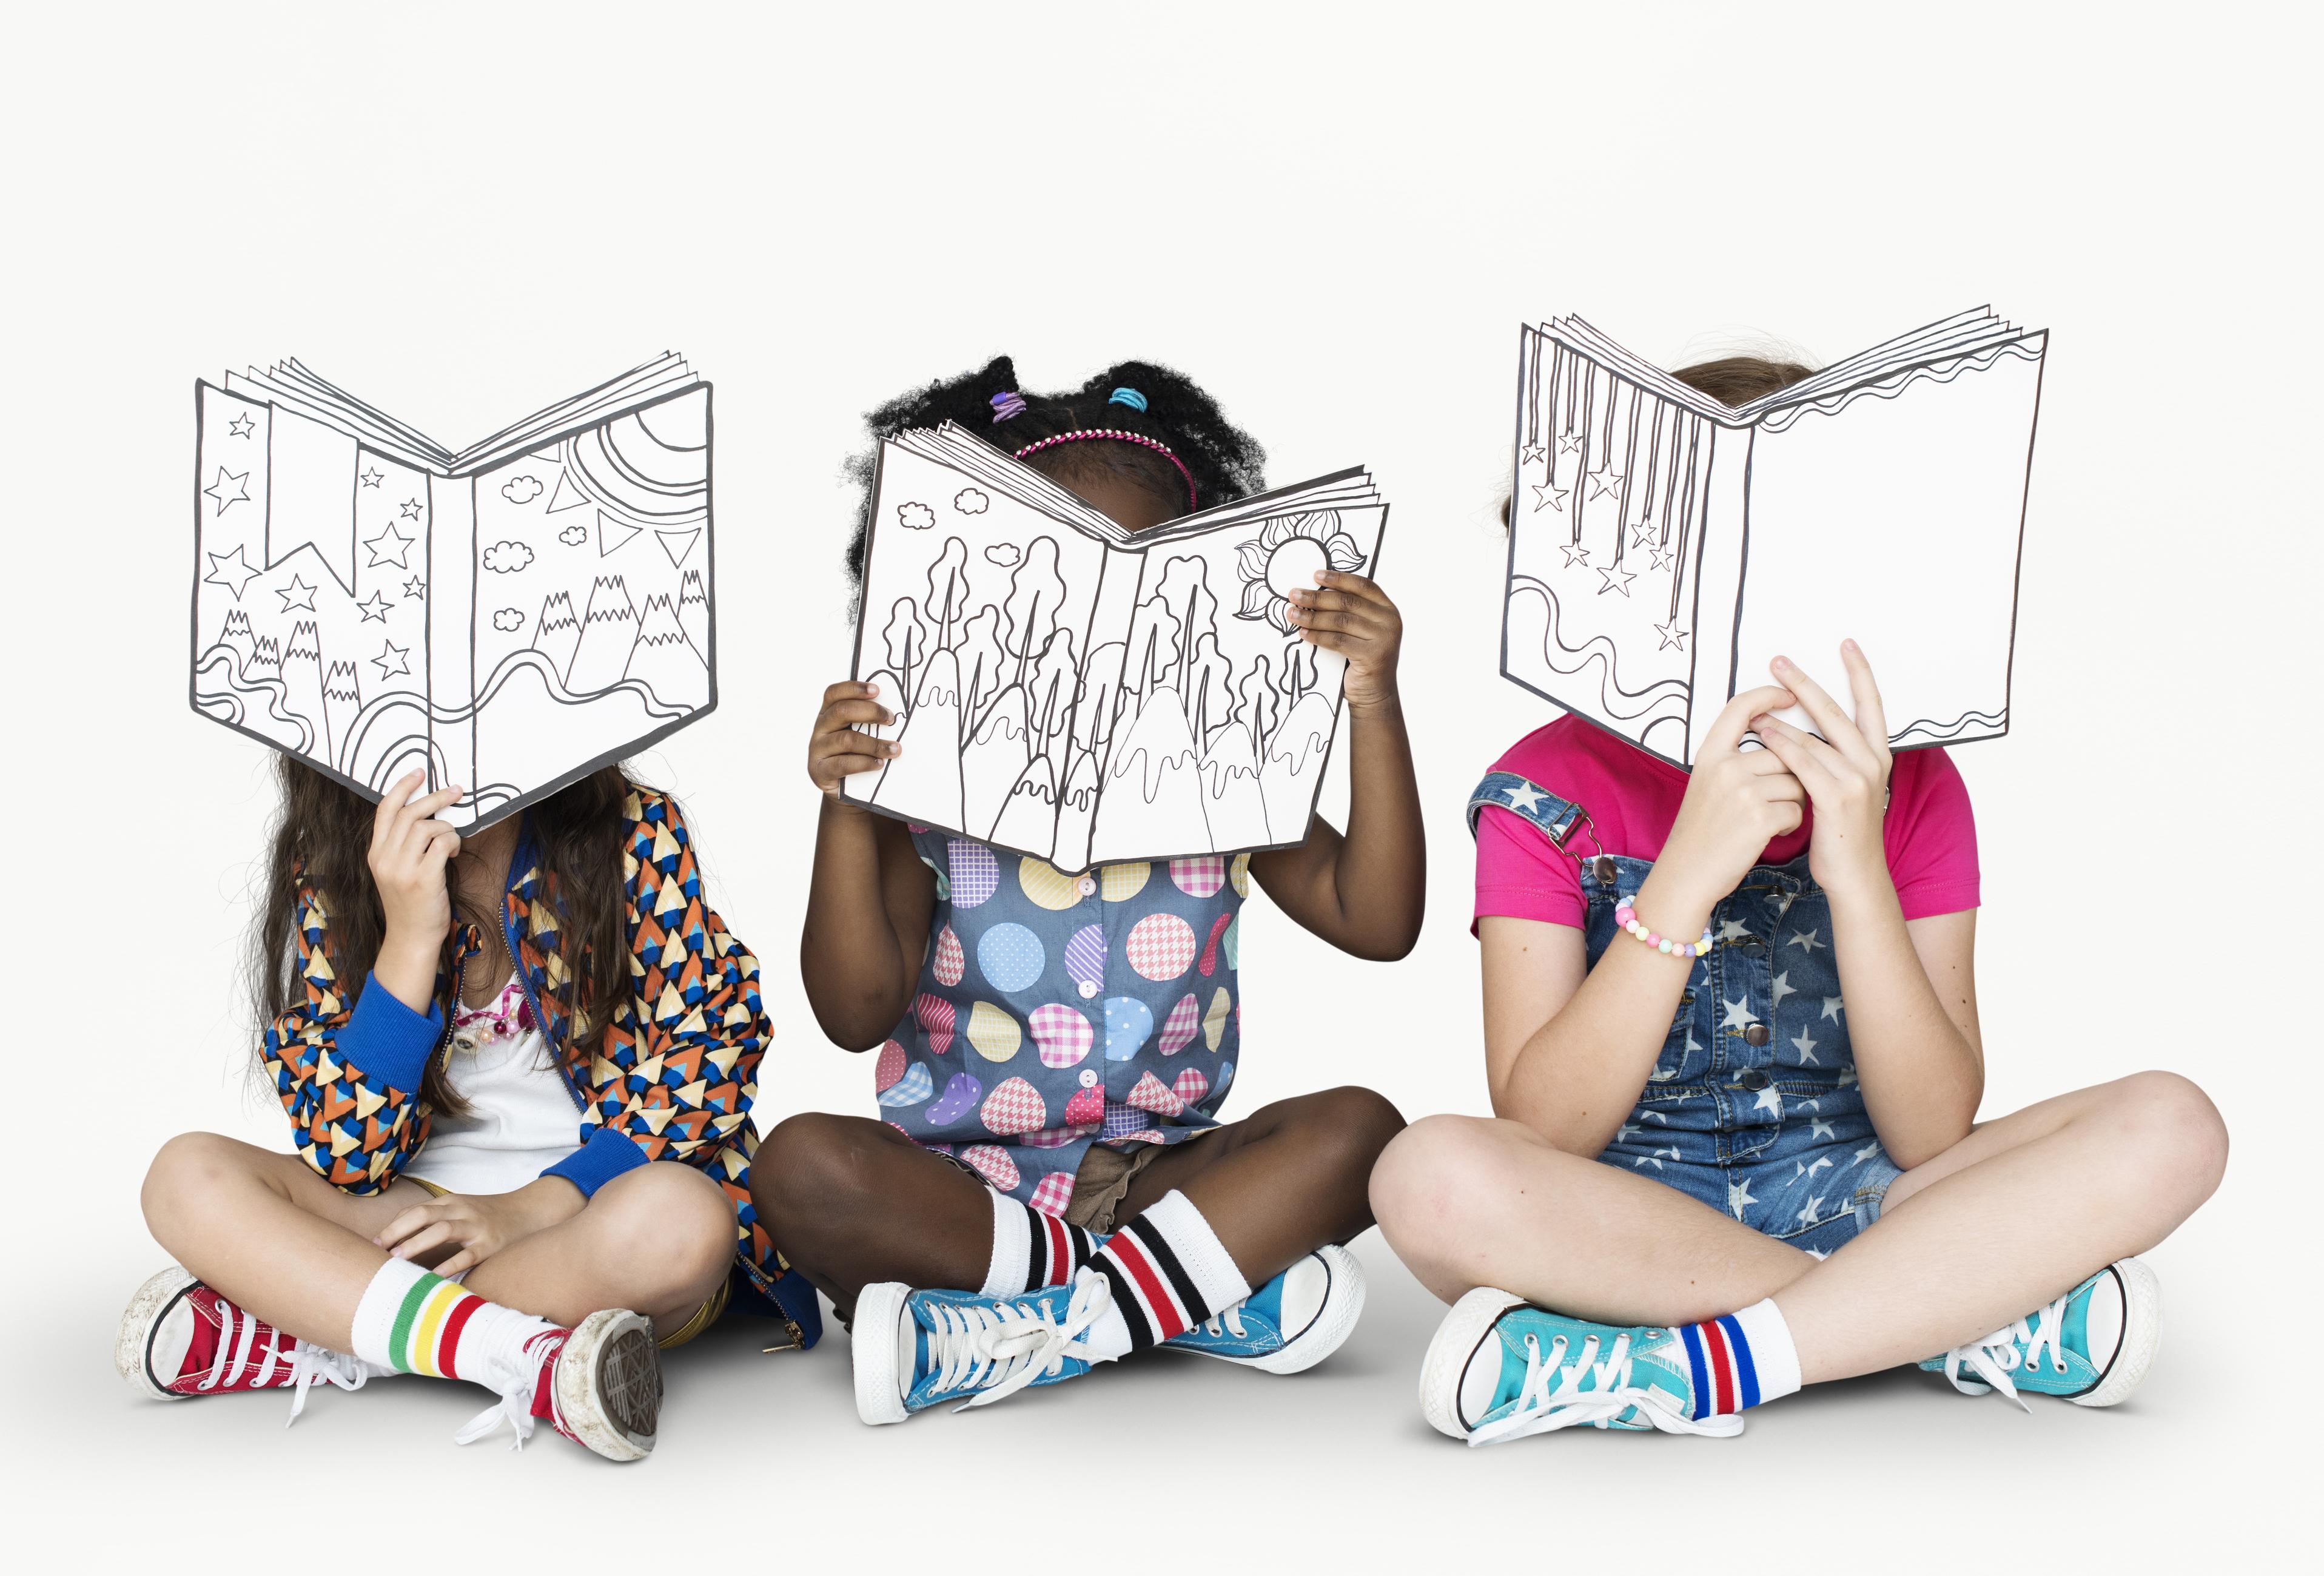 Читайка: увеличение скорости чтения и улучшение понимания текста